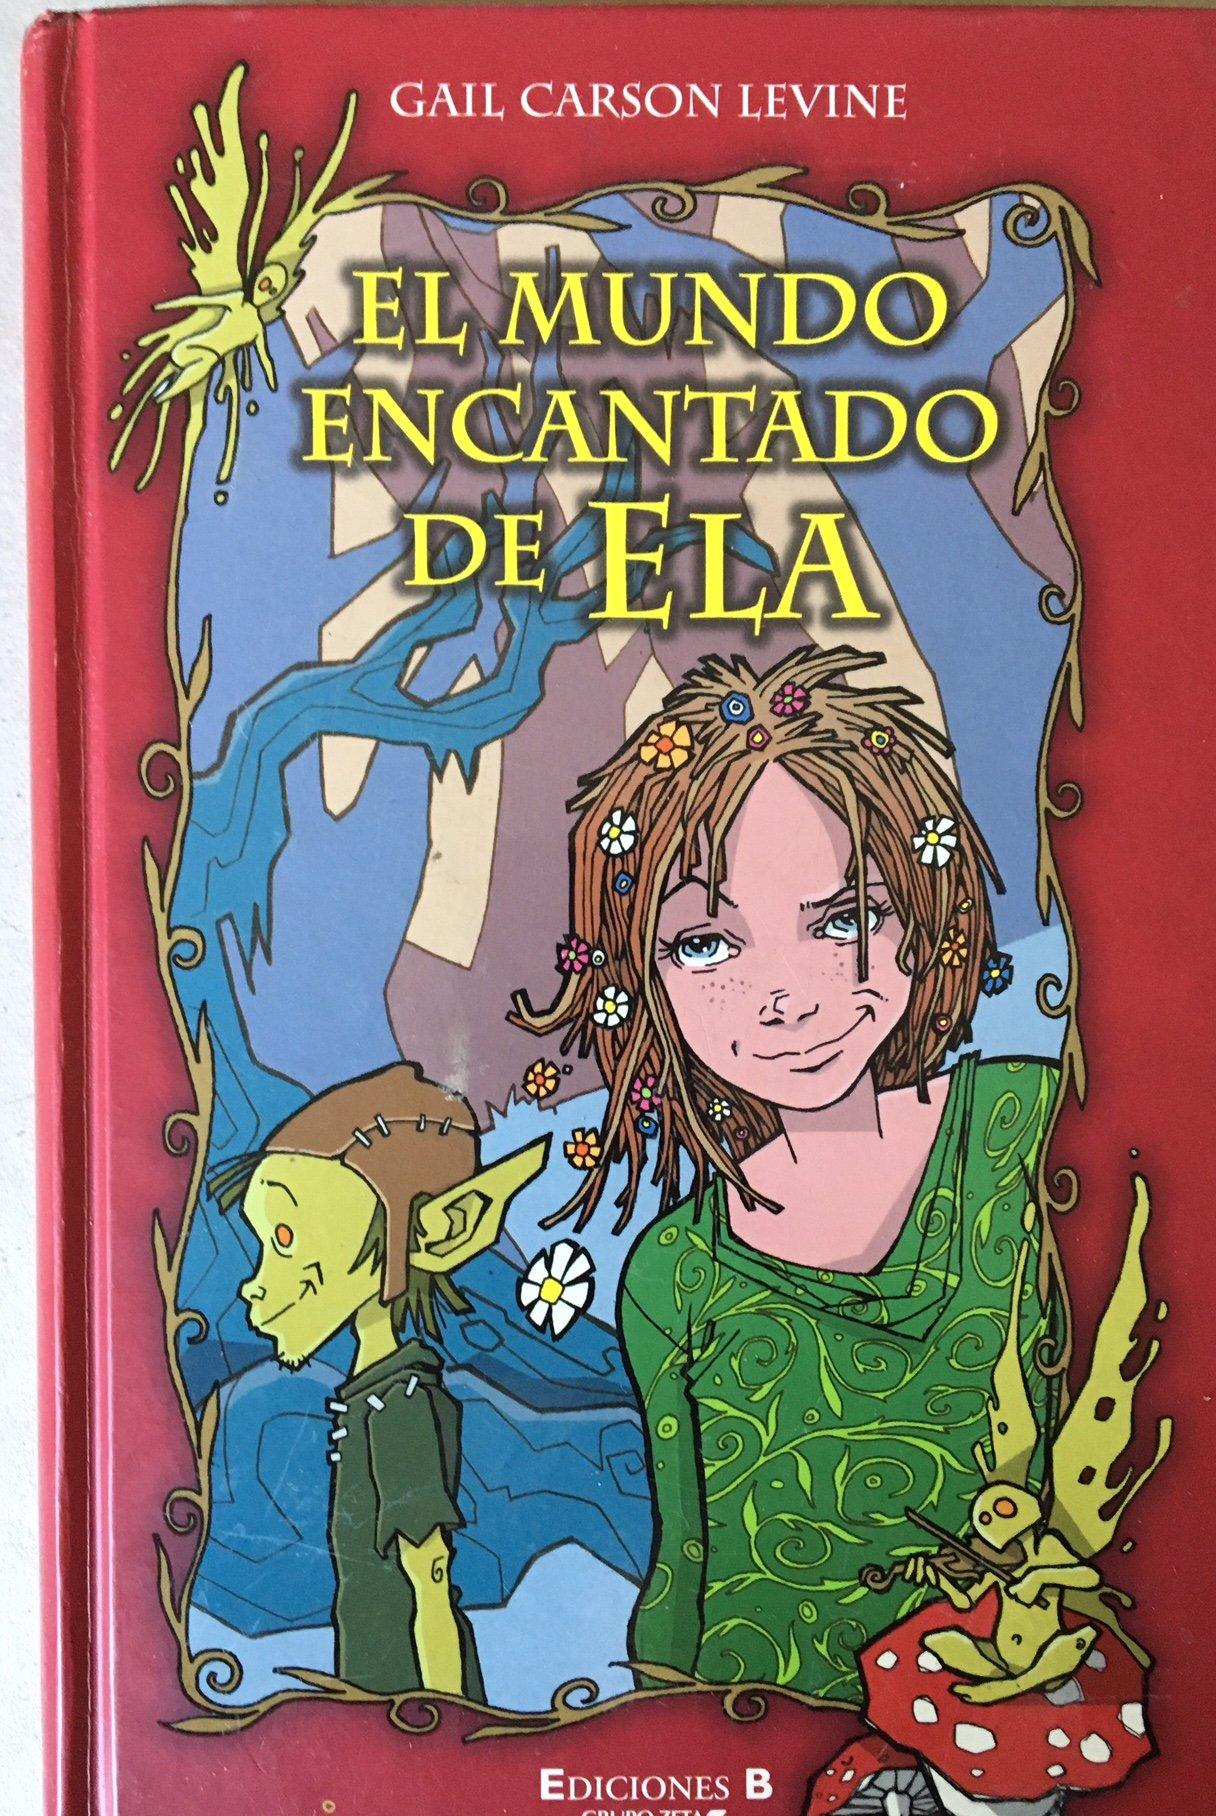 Reseña literaria de El mundo encantado de Ela